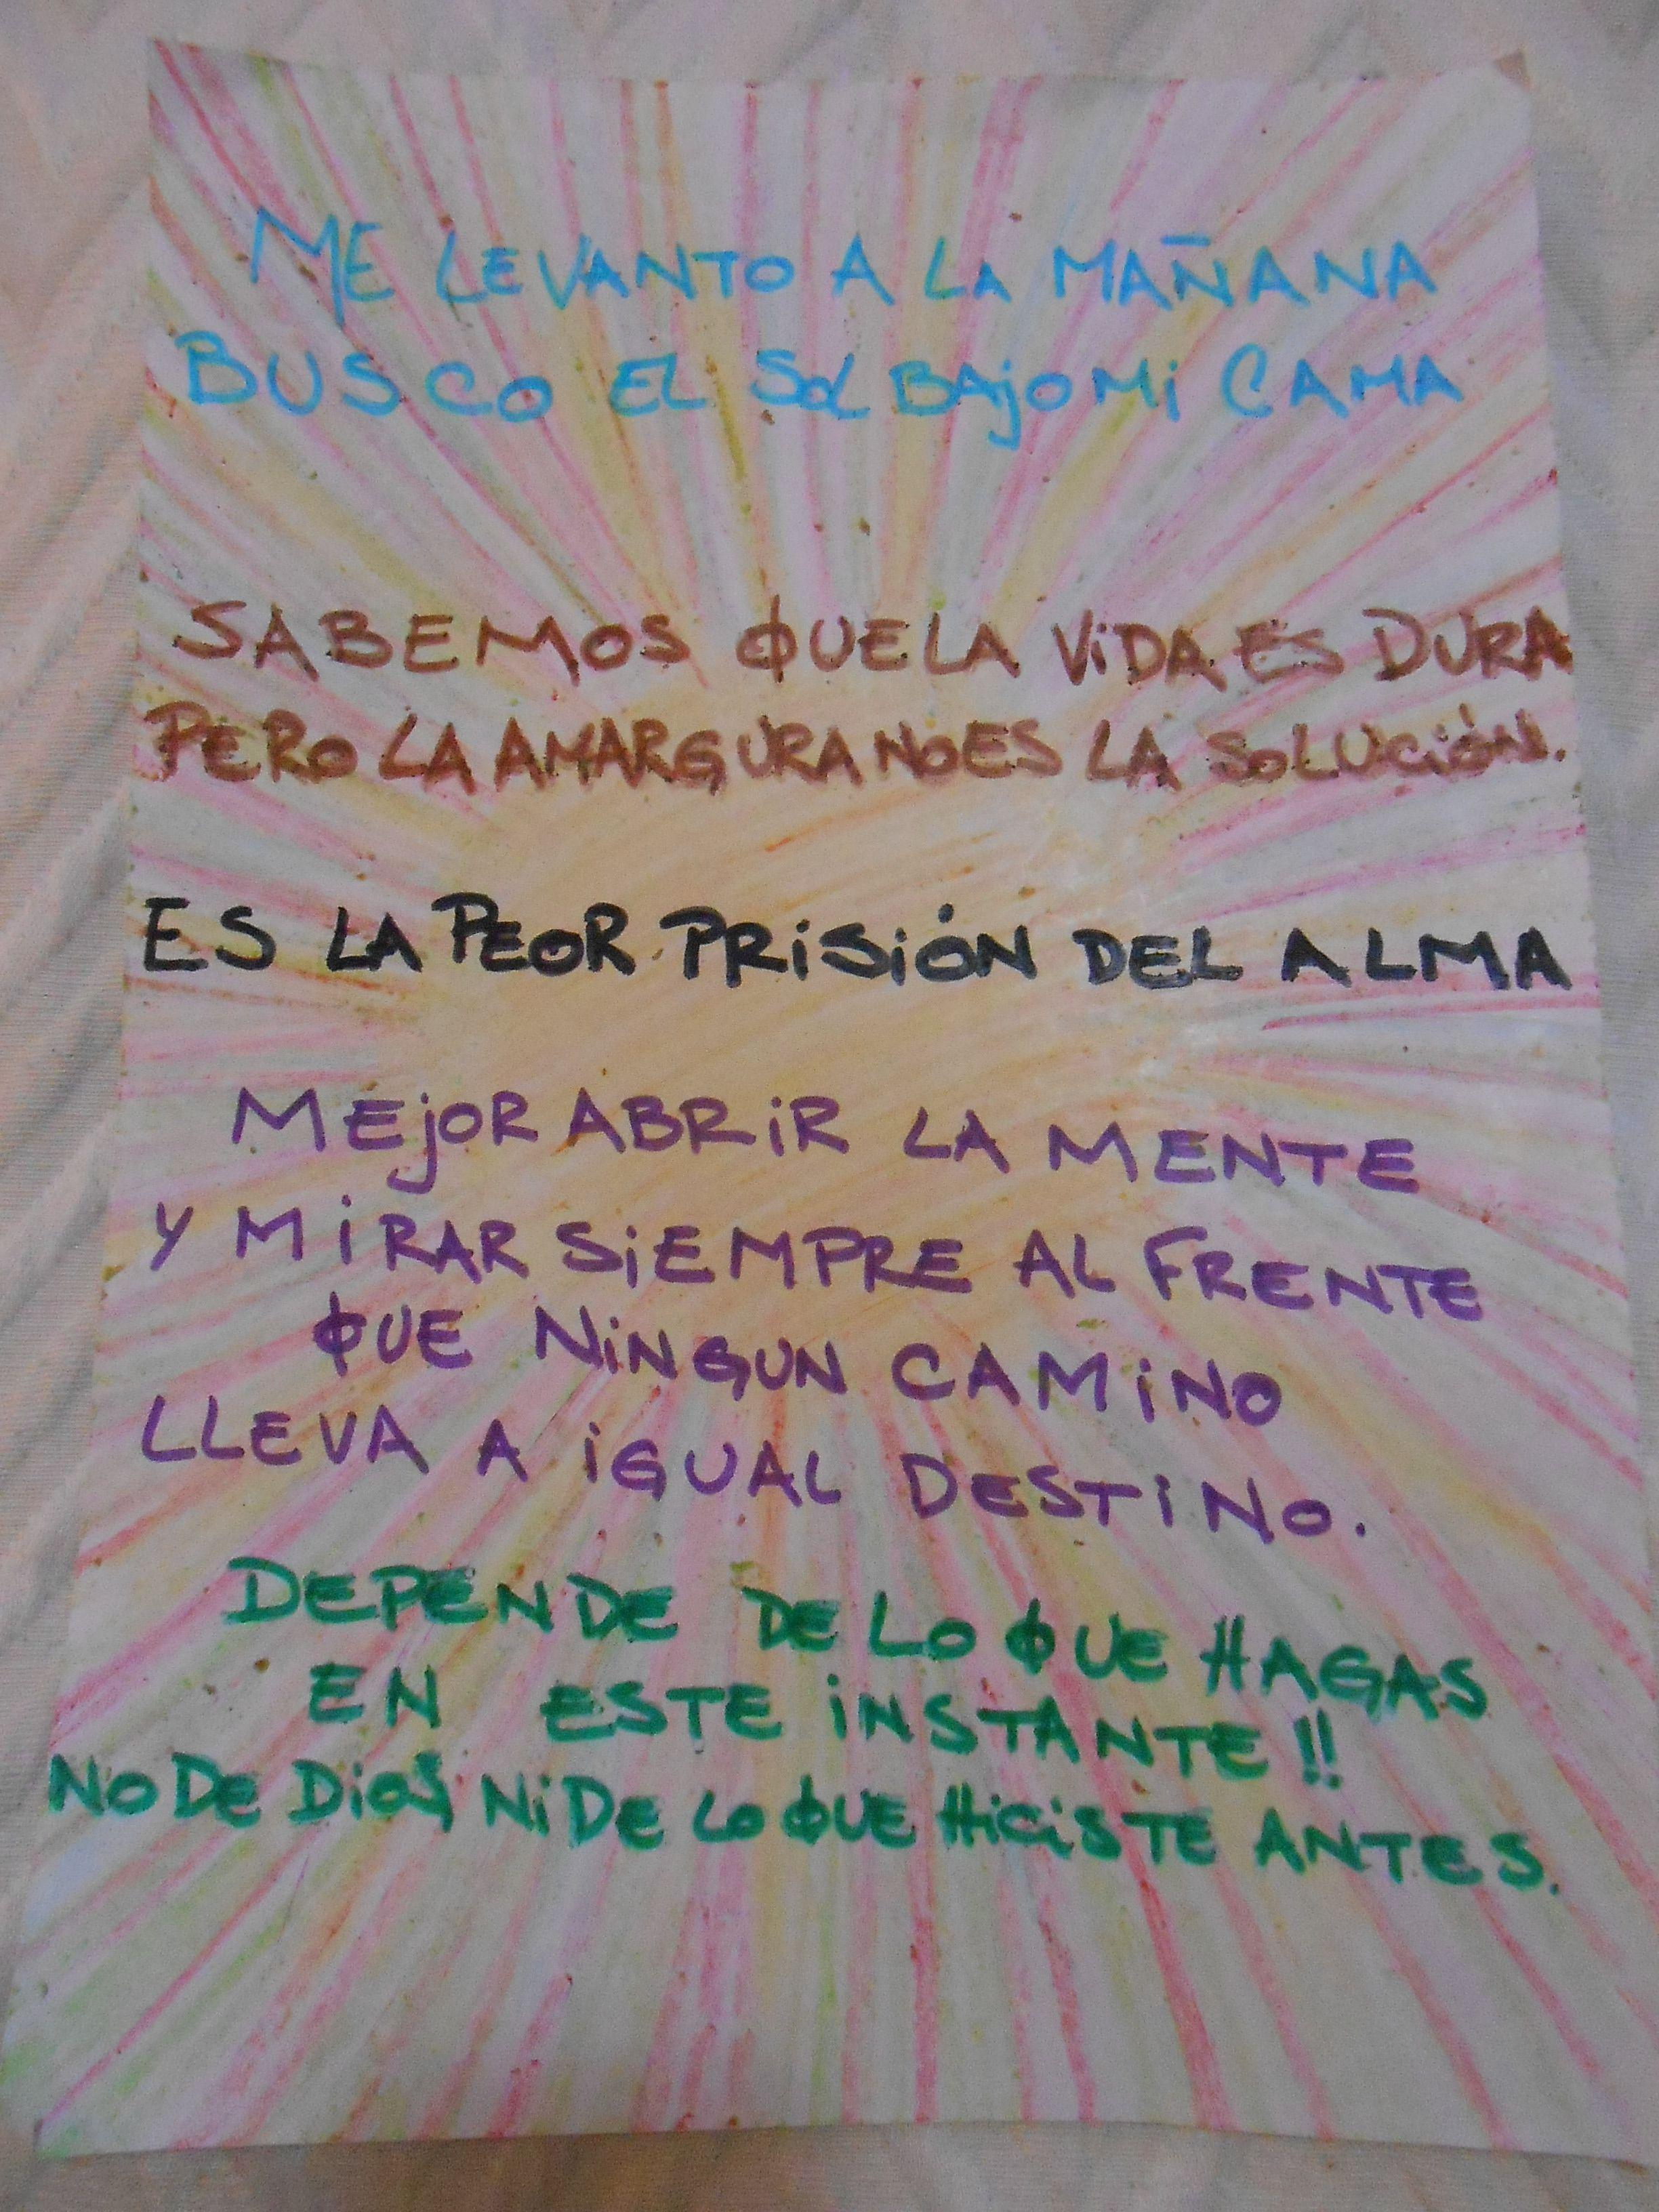 Mañana. La Vela Puerca. -Fibra, crayón   Frases de canciones, Hasta mañana,  Crayones